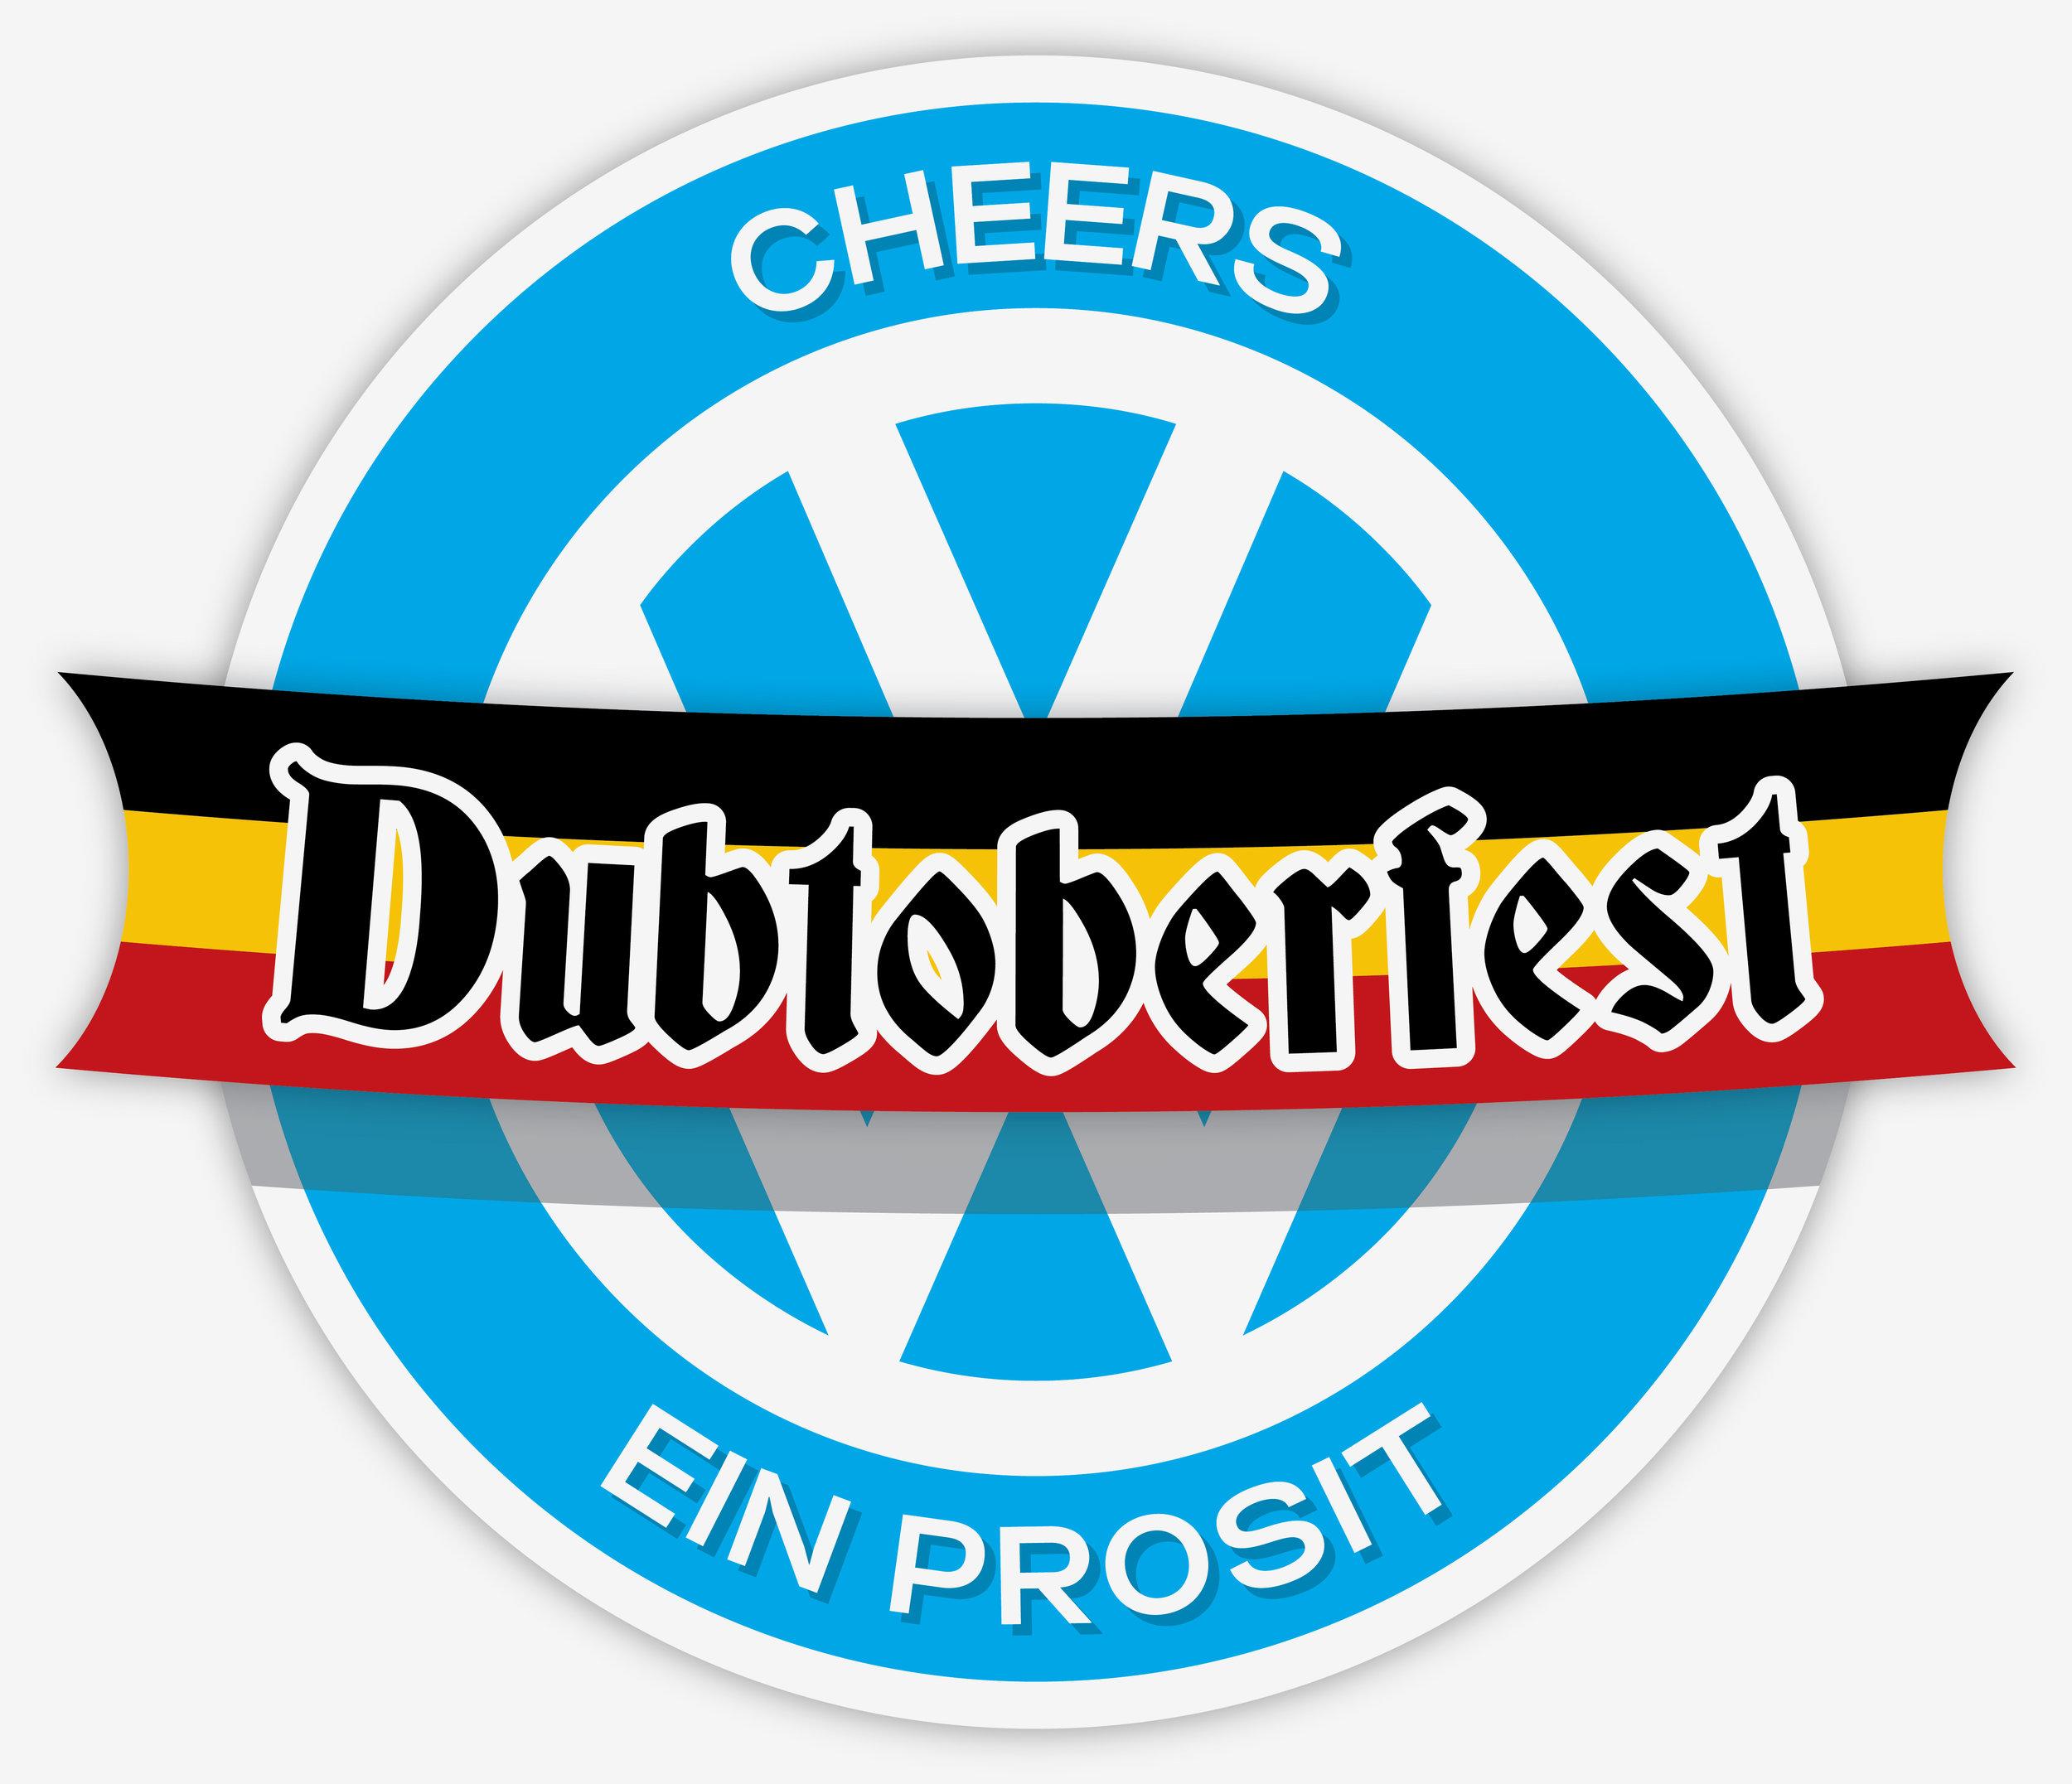 222Dubtoberfest_logo.jpg